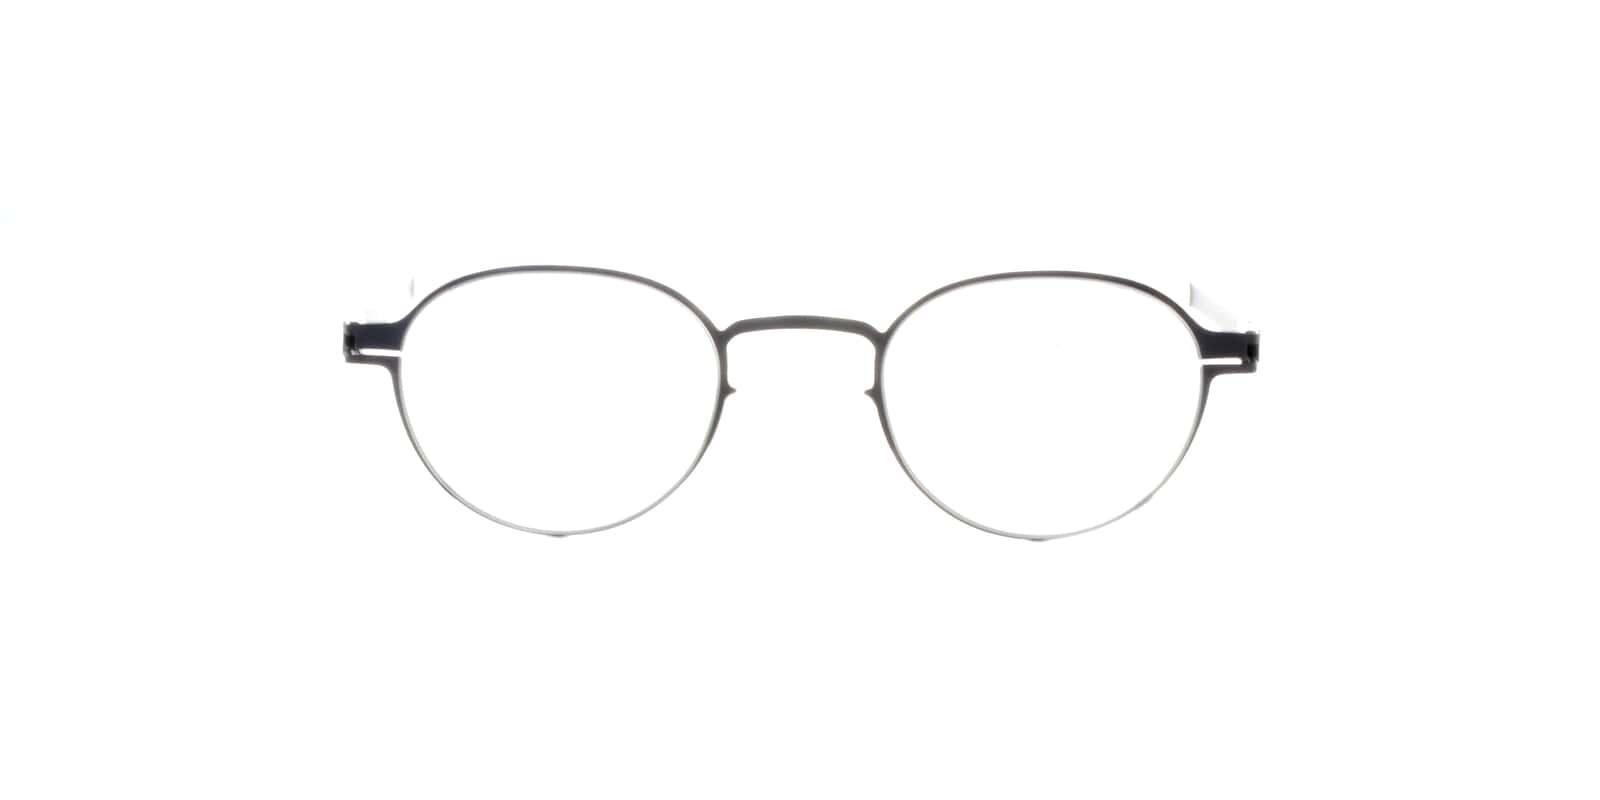 8113249b74b Mykita Collection No. 1 Heiko 084 (43-21-140) Glasses